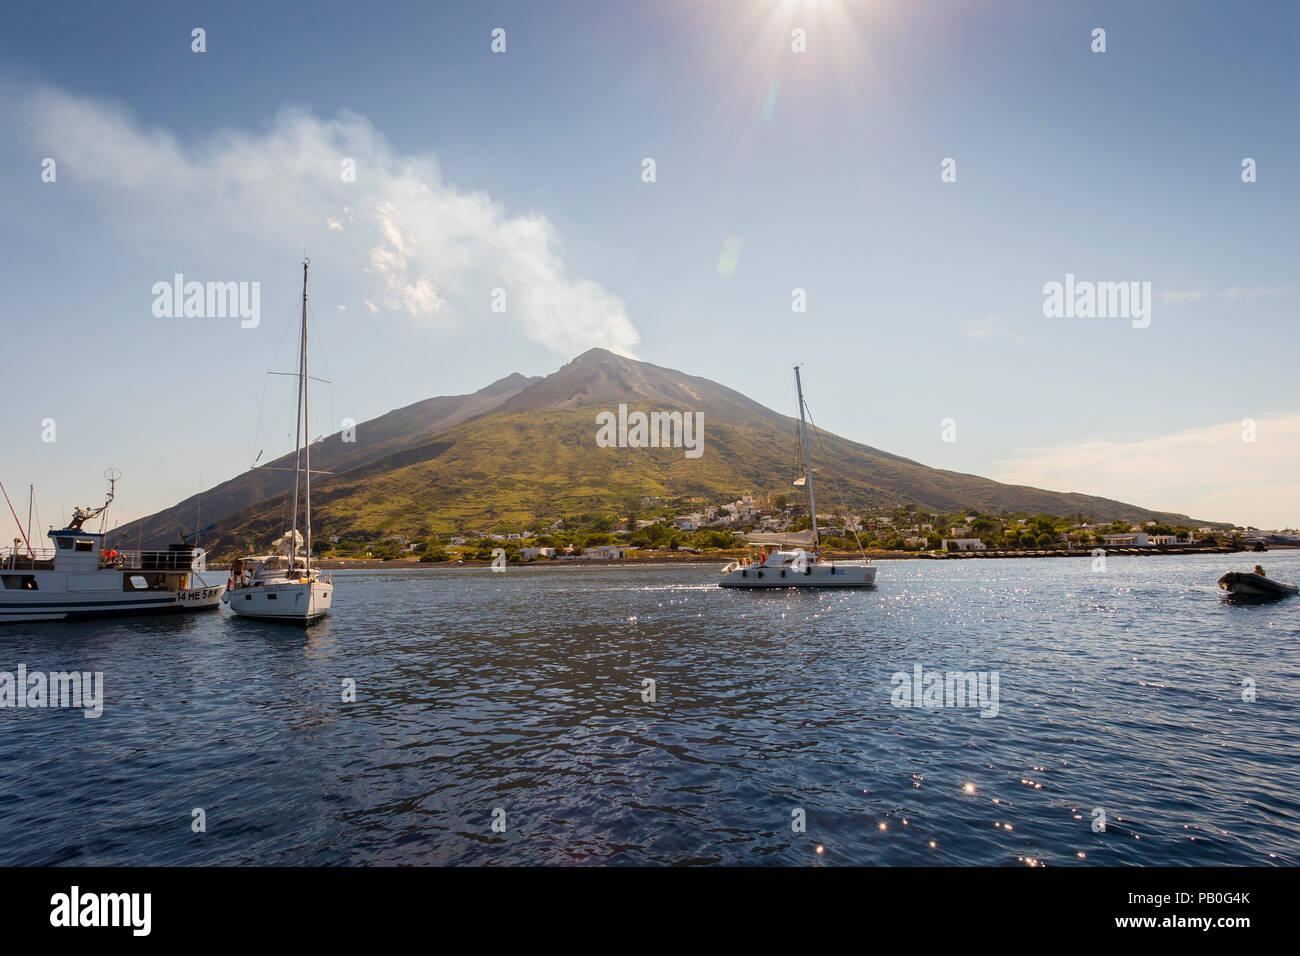 L'isola vulcanica di Stromboli e le isole Eolie, in Sicilia. Immagini Stock